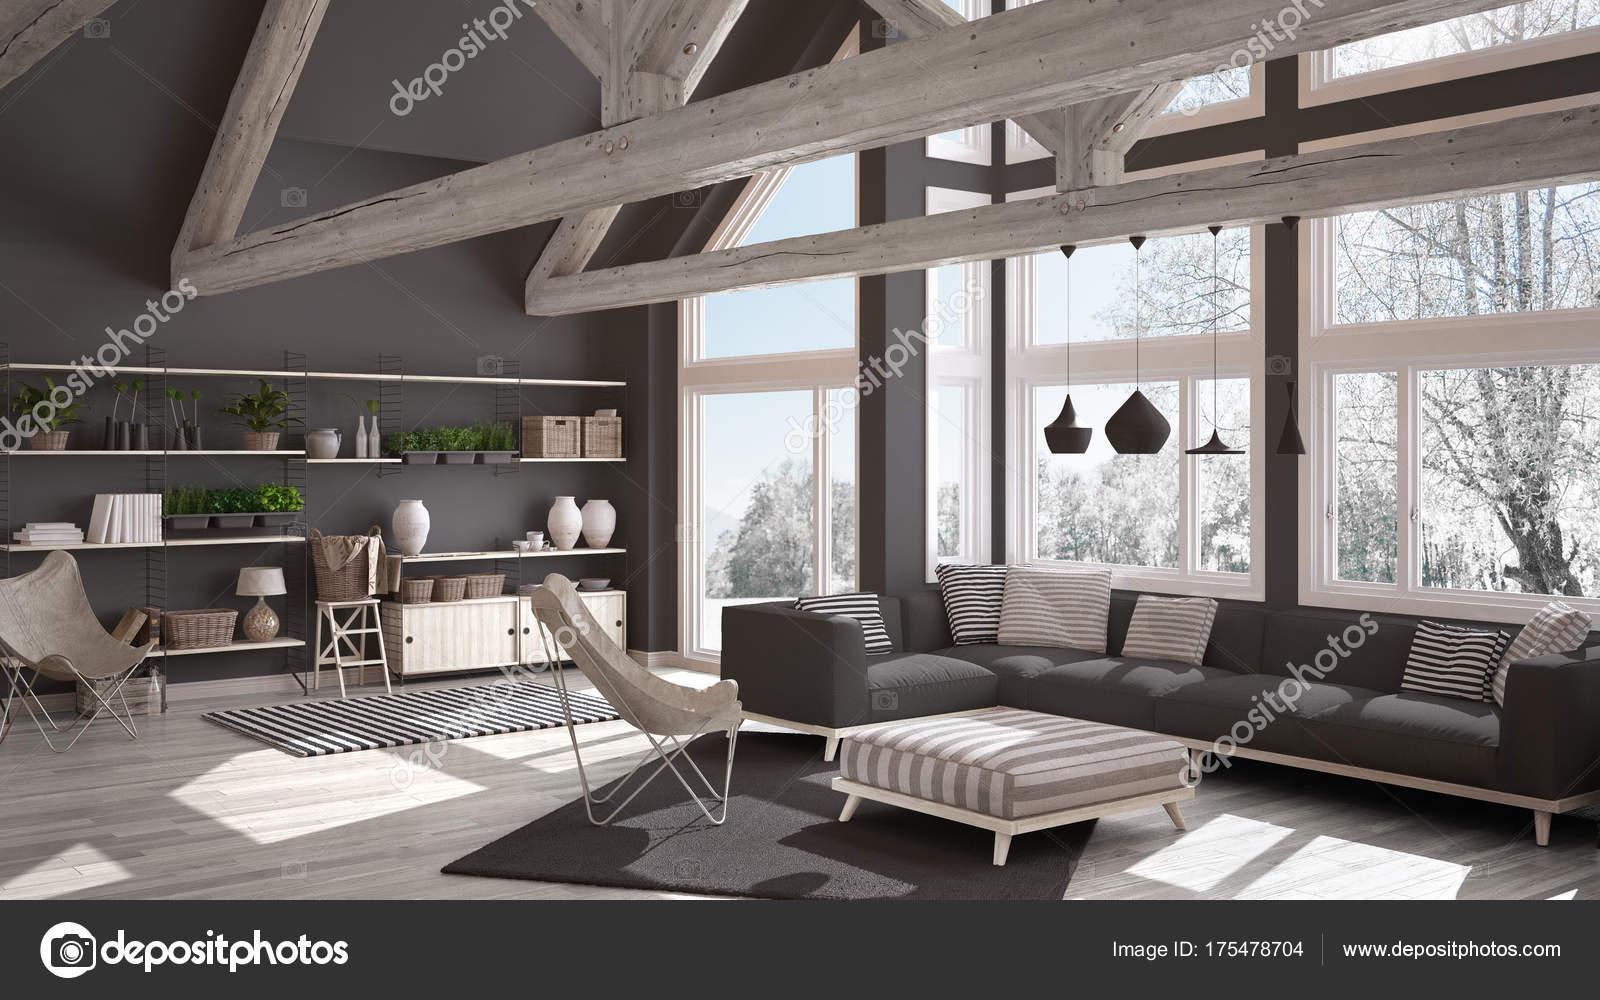 Wohnzimmer Luxus | Wohnzimmer Luxus Oko Haus Parkettboden Und Holzdach T Stockfoto